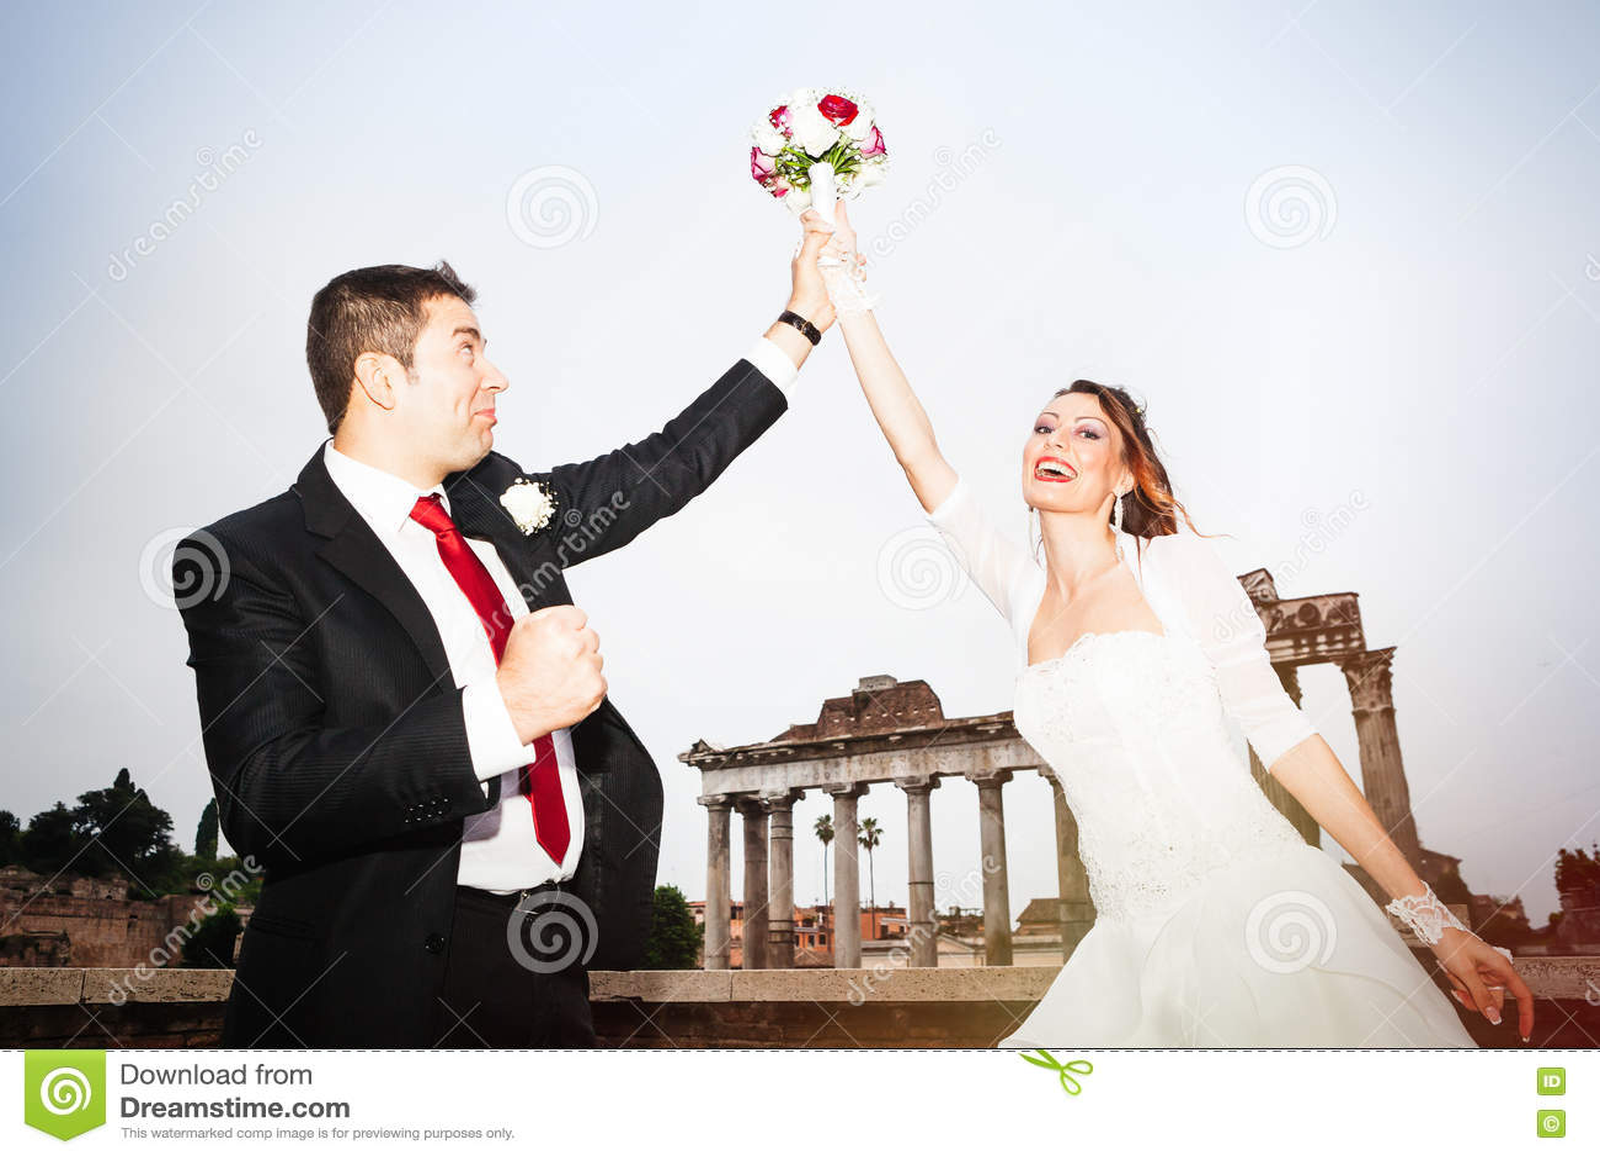 Fira nygifta personer